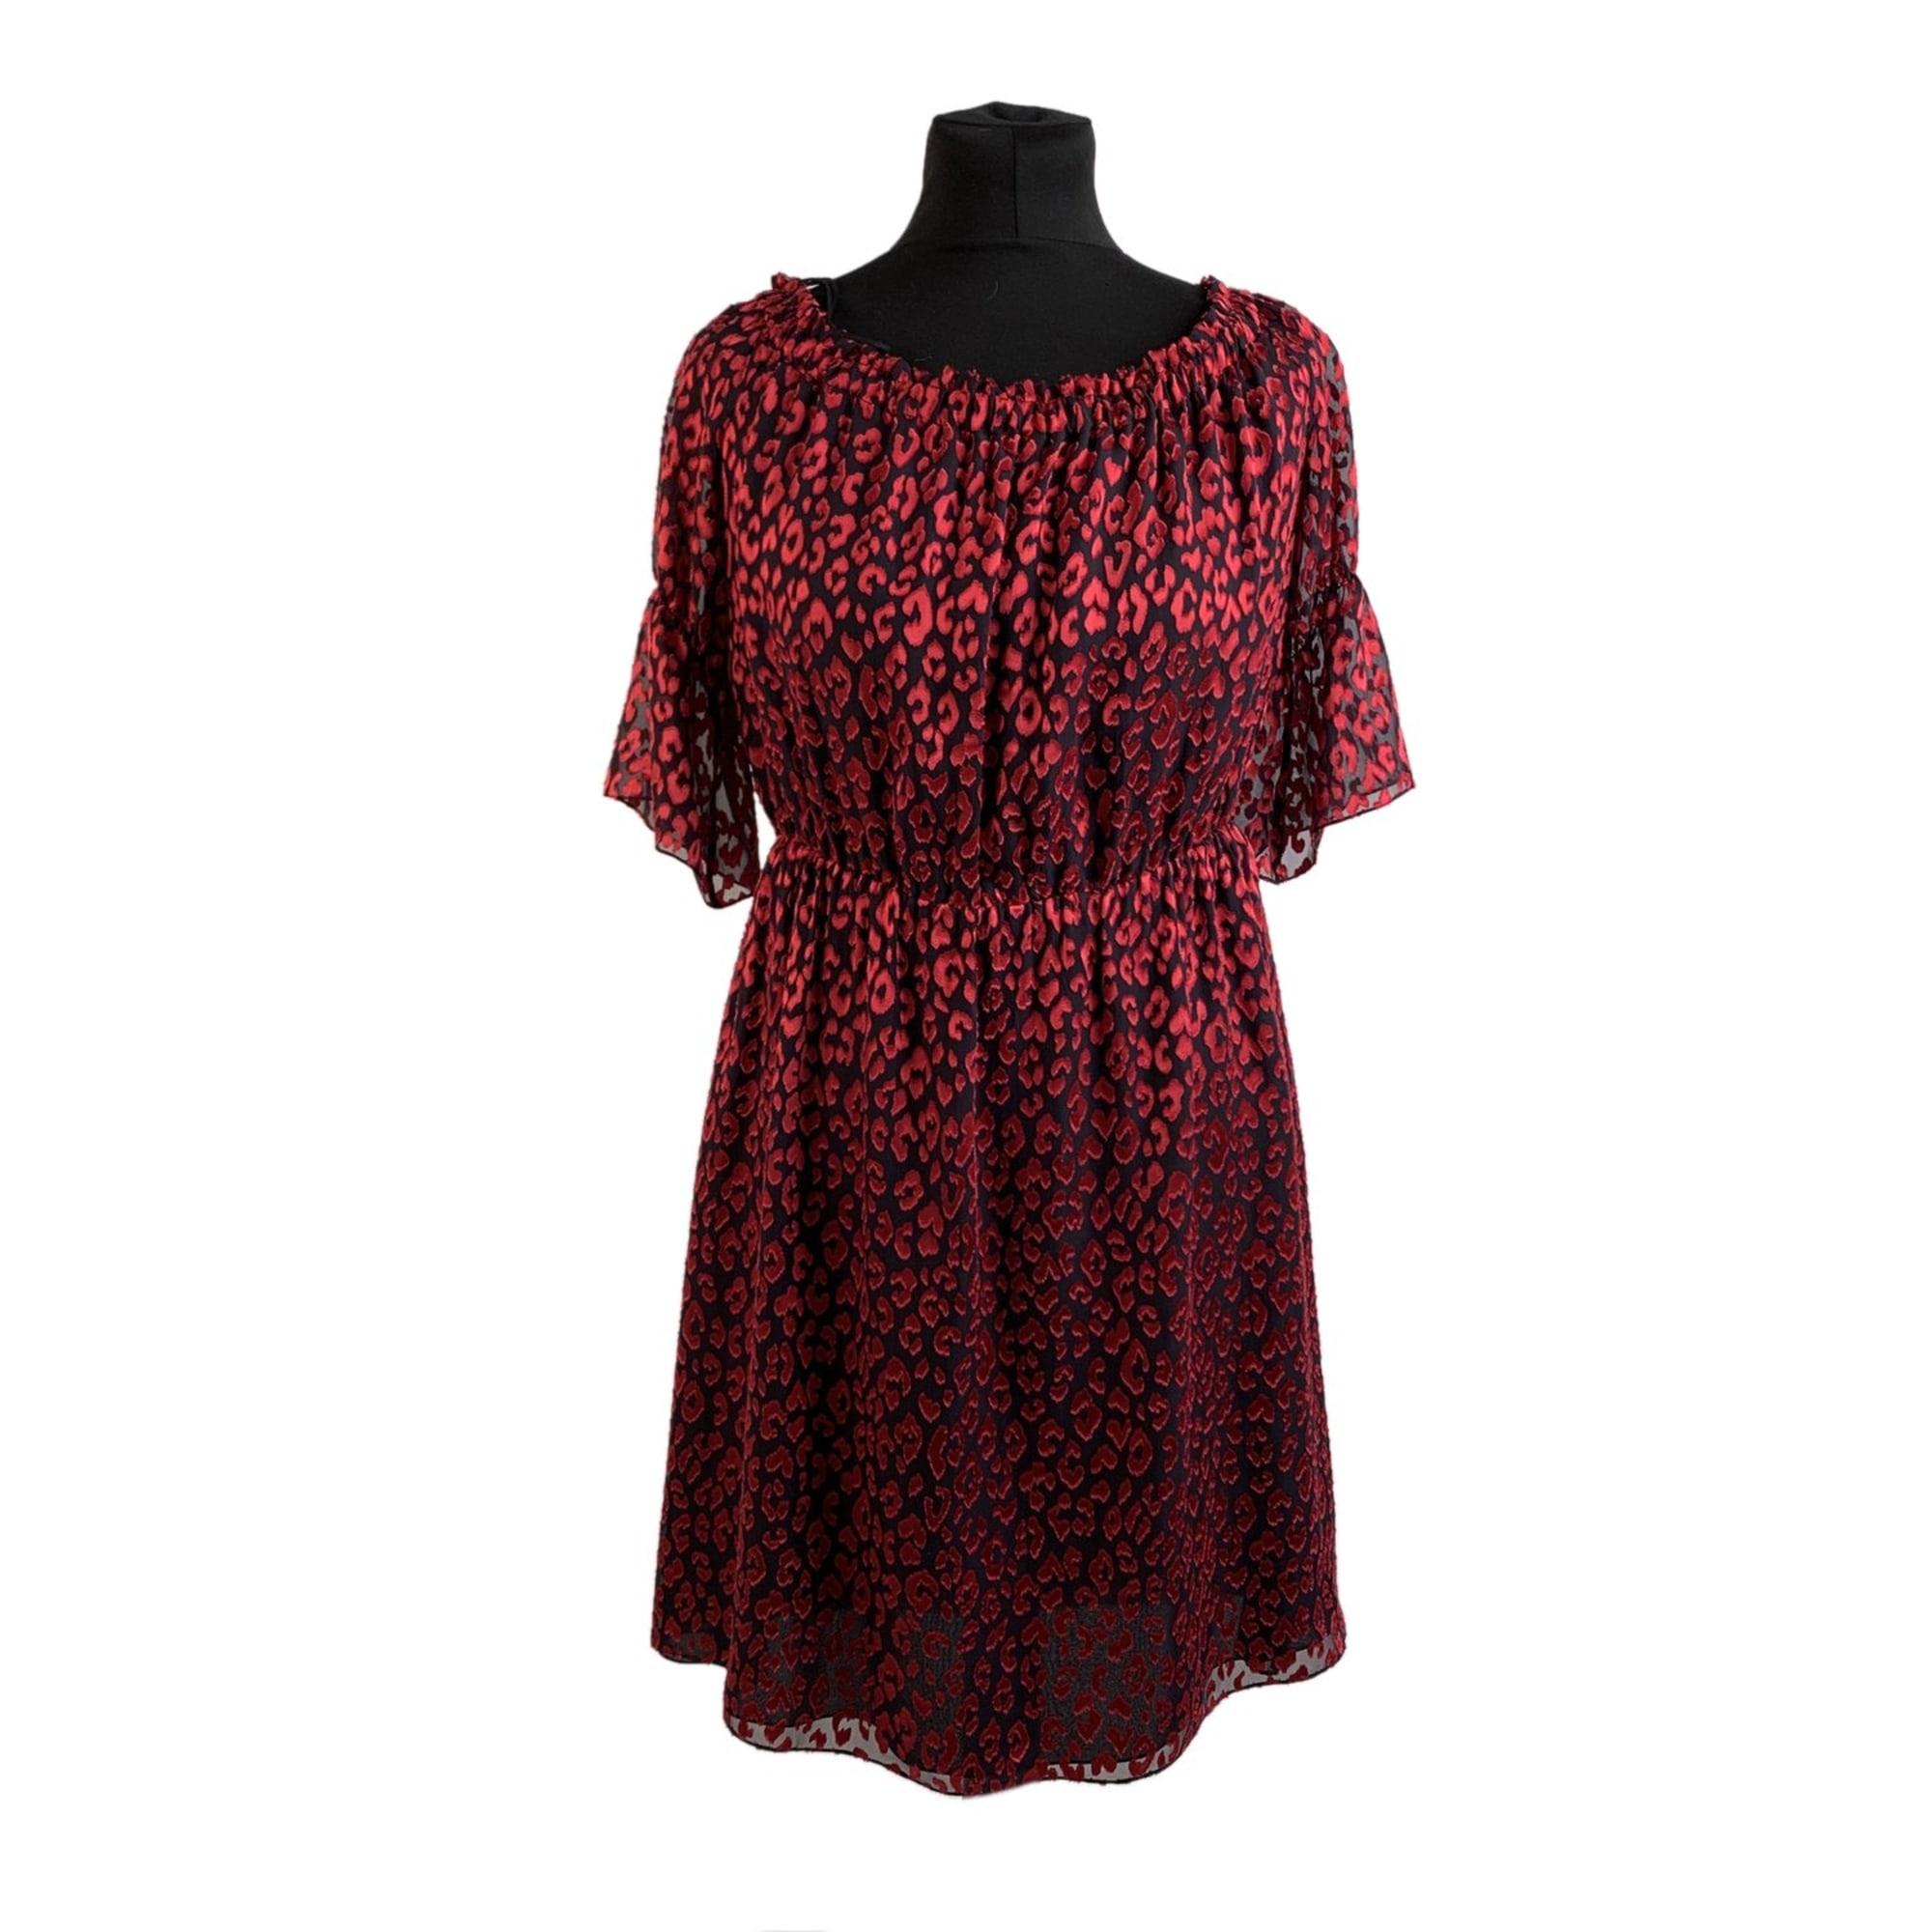 Robe courte YVES SAINT LAURENT Rouge, bordeaux